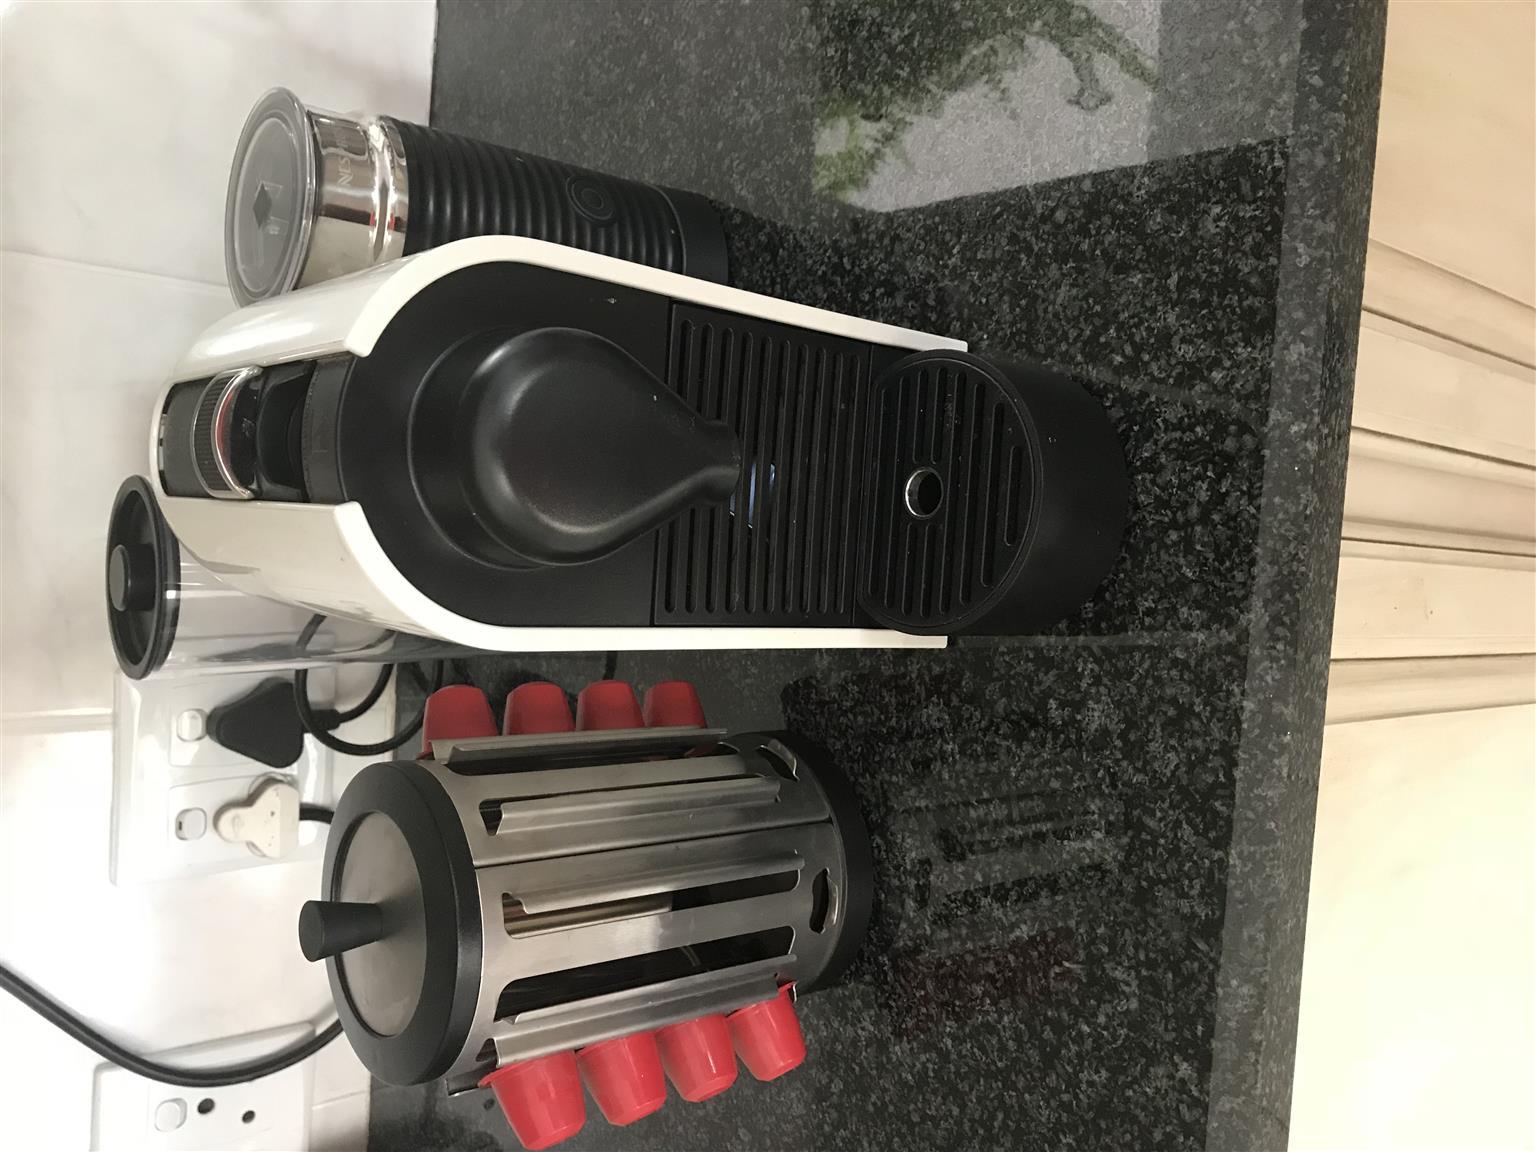 Espresso cofee machine for sale